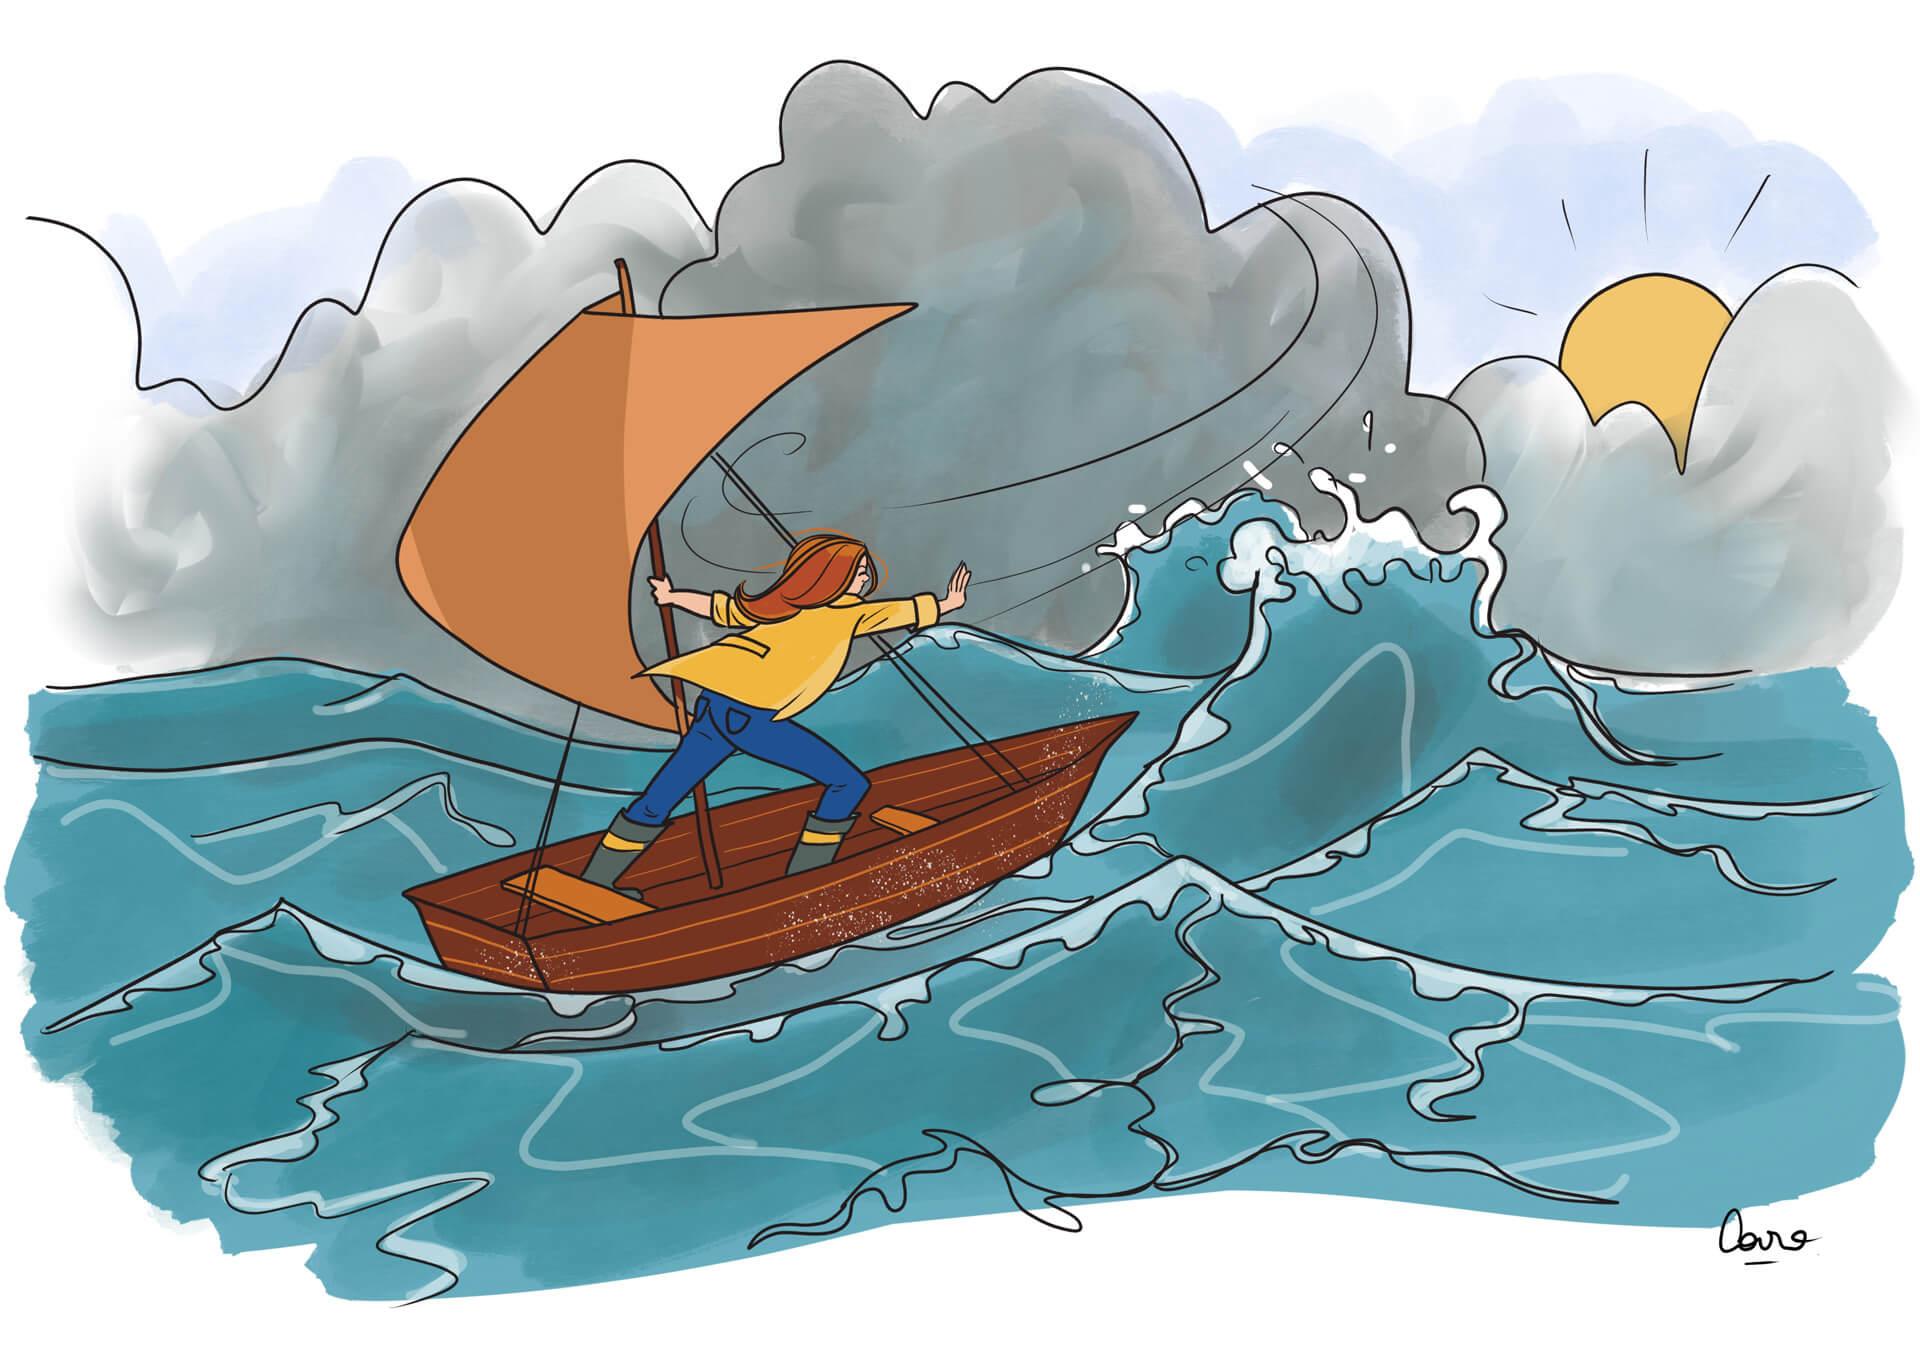 Traverser les tempêtes 3 – Profiter du beau temps